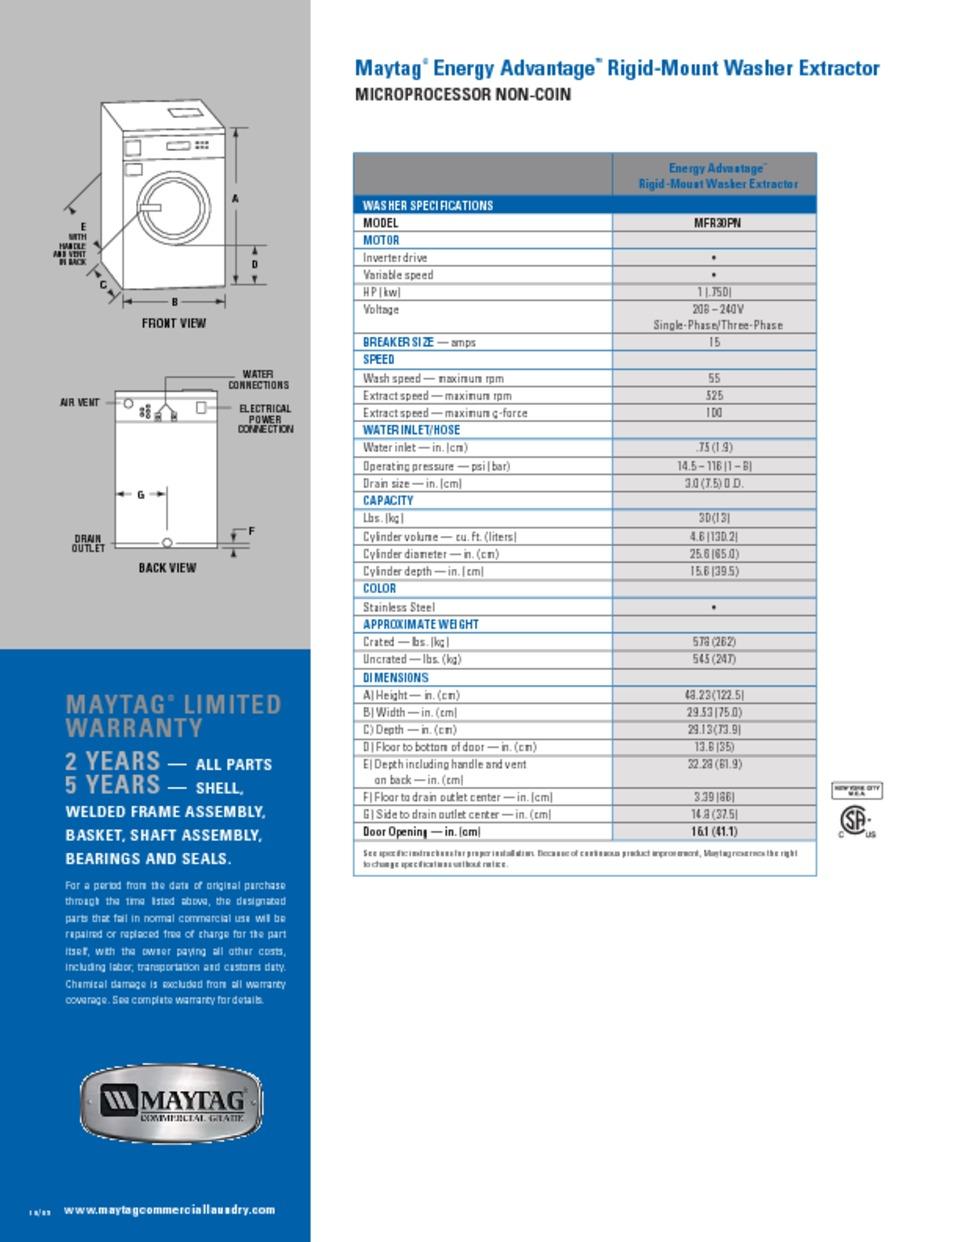 John Morris Equipment & Supply Co